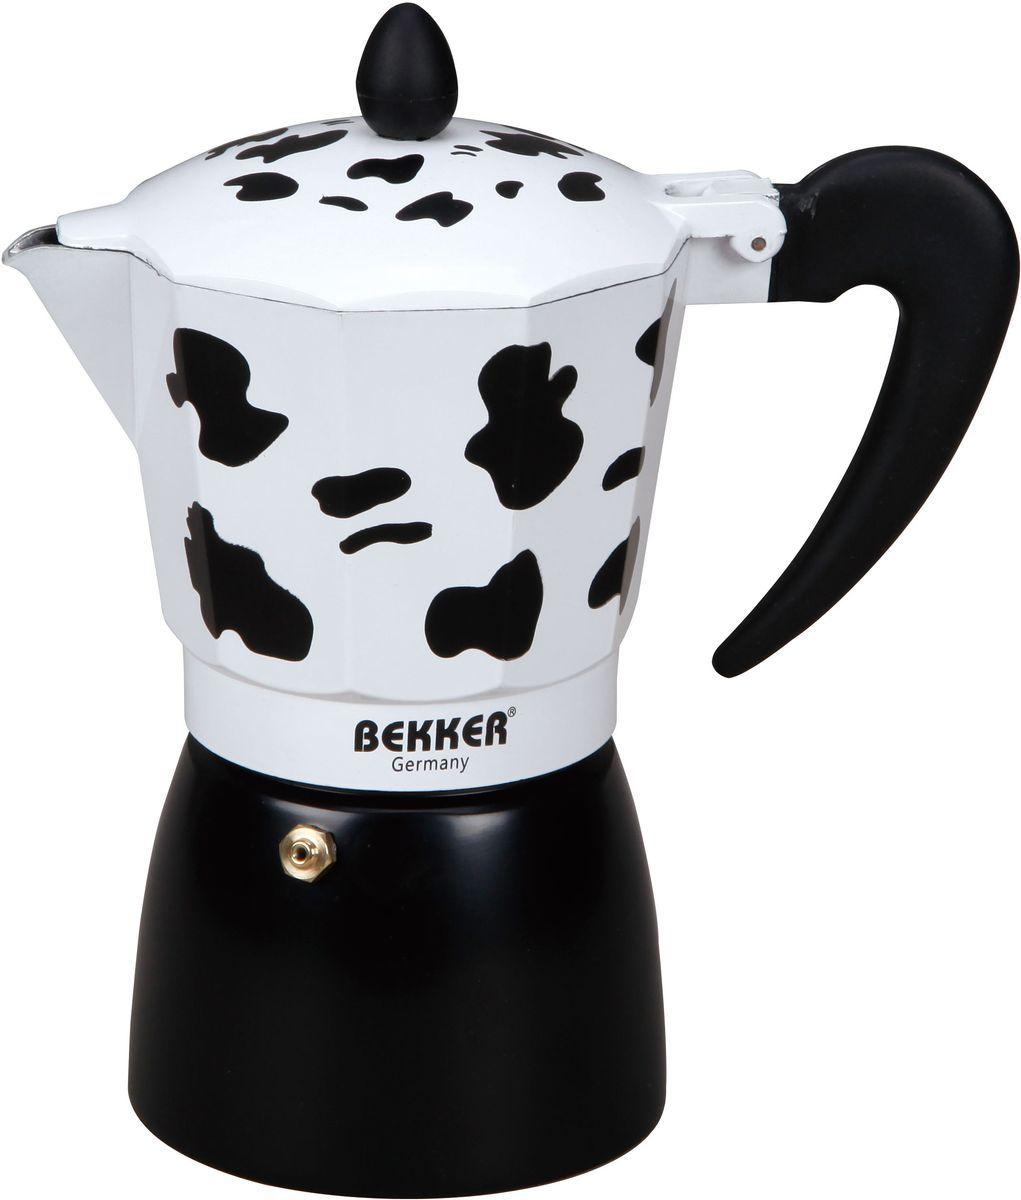 Кофеварка гейзерная Bekker, 450 мл. BK-9355BK-9355Гейзерная кофеварка Bekker позволит вам приготовить ароматный напиток за короткое время. Корпус кофеварки изготовлен из высококачественного алюминия. Кофеварка состоит из двух соединенных между собой емкостей и снабжена алюминиевым фильтром. Удобная ручка выполнена из прочного пластика.Данная модель предельно проста в использовании, в ней отсутствуют подвижные части и нагревательные элементы, поэтому в ней нечему ломаться. Гейзерные кофеварки являются самыми популярными в мире и позволяют приготовить ароматный кофе за считанные минуты.Основной принцип действия гейзерной кофеварки состоит в том, что напиток заваривается путем прохождения горячей воды через слой молотого кофе. В нижнюю часть гейзерной кофеварки заливается вода, в промежуточную часть засыпается молотый кофе, кофеварка ставится на огонь или электрическую плиту. Закипая, вода начинает испаряться и превращается в пар. Избыточное давление пара в нижней части кофеварки выдавливает горячую воду через молотый кофе и подобно небольшому гейзеру попадает в верхний отсек, где и собирается в готовый кофе. Время приготовления в гейзерной кофеварке составляет примерно 5 минут.